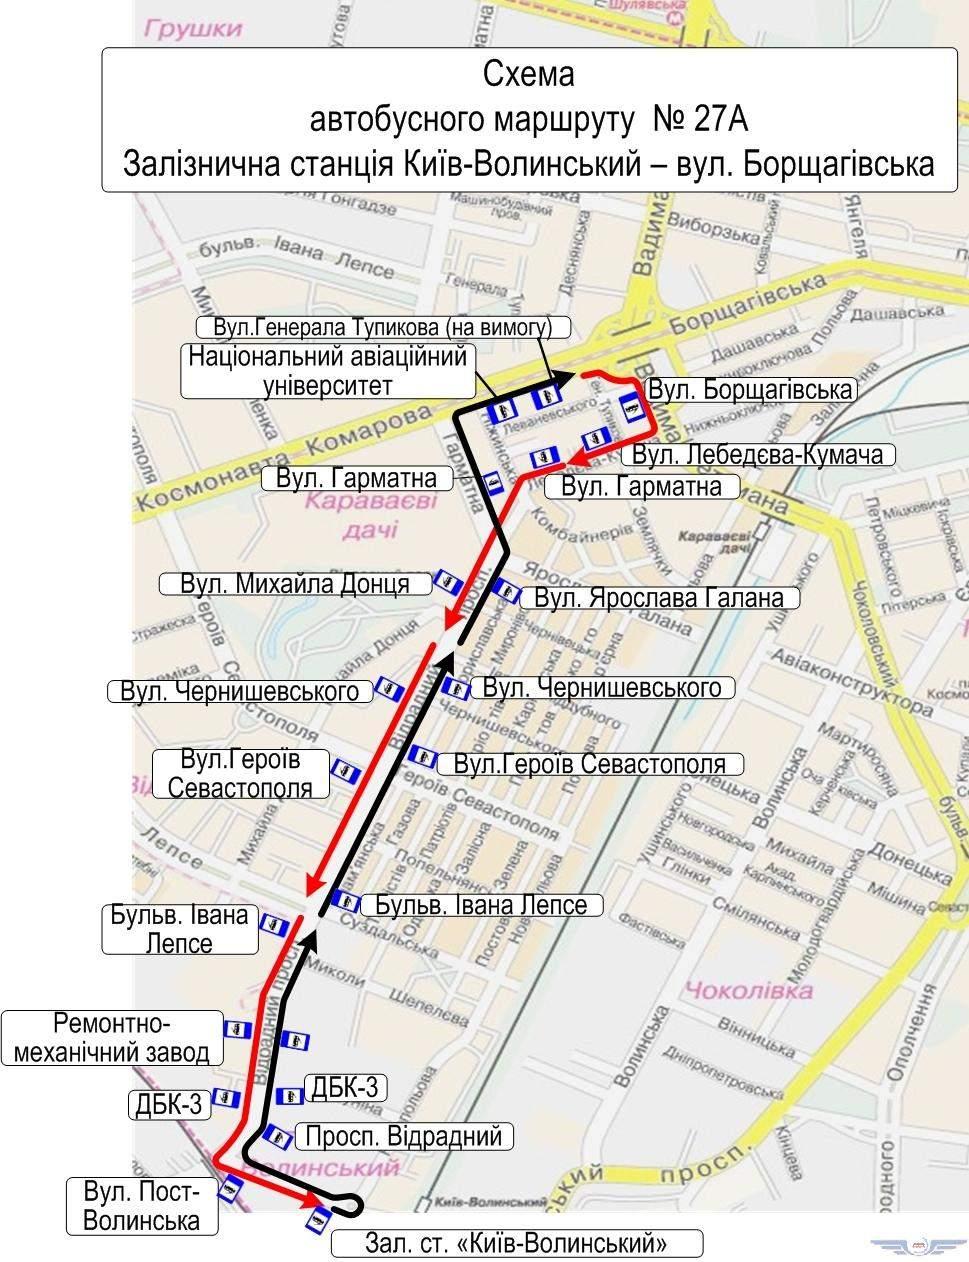 В Соломенском районе Киева на неделю троллейбусы заменят автобусами